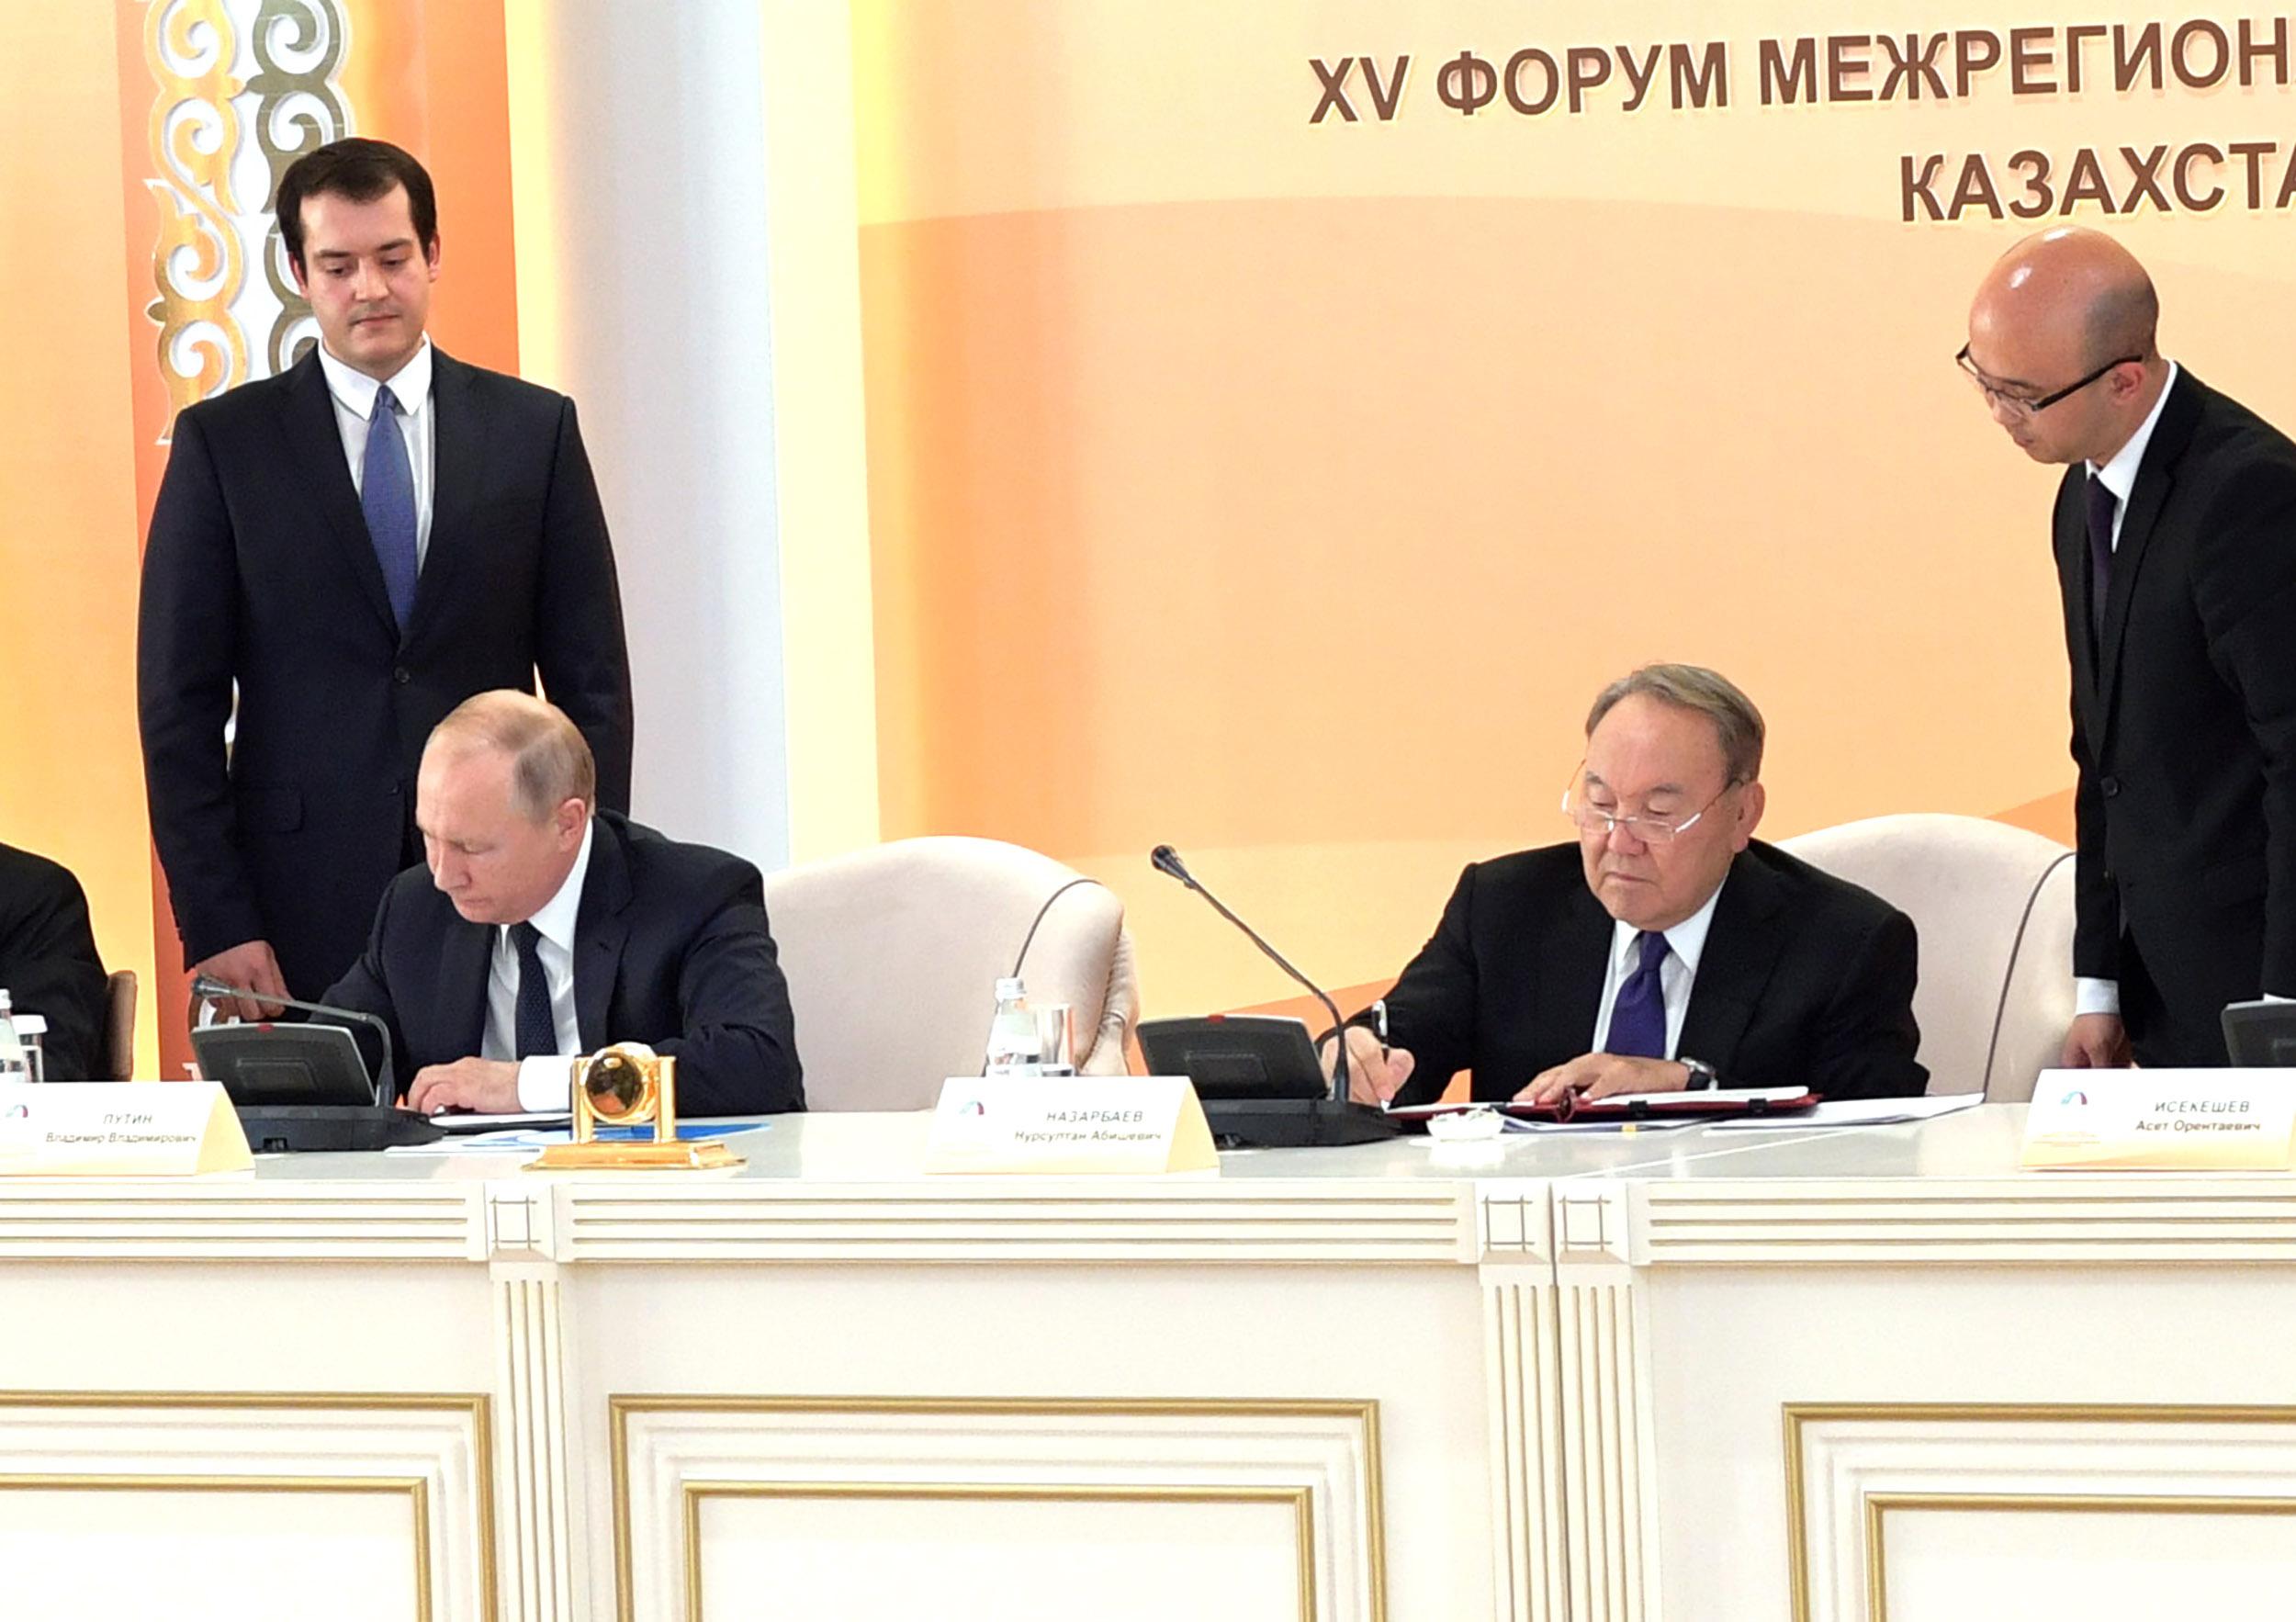 Нурсултан Назарбаев подвёл итоги работы Форума межрегионального сотрудничества Казахстана и России